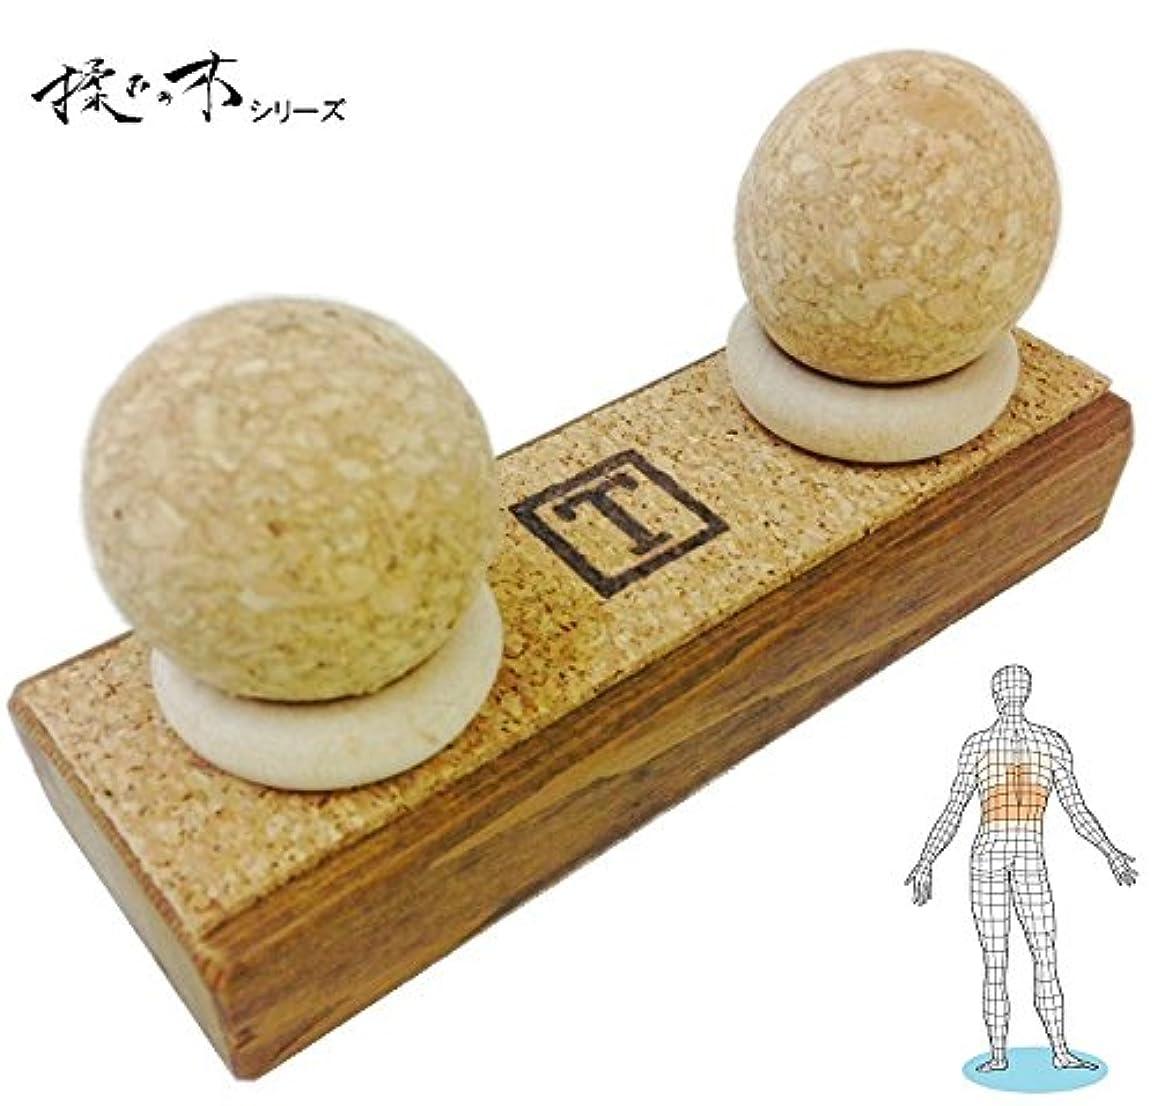 デイジーゴールビジュアル腰プロストレッチ Standard Type 背中下部から腰のセルフマッサージを強力にサポート